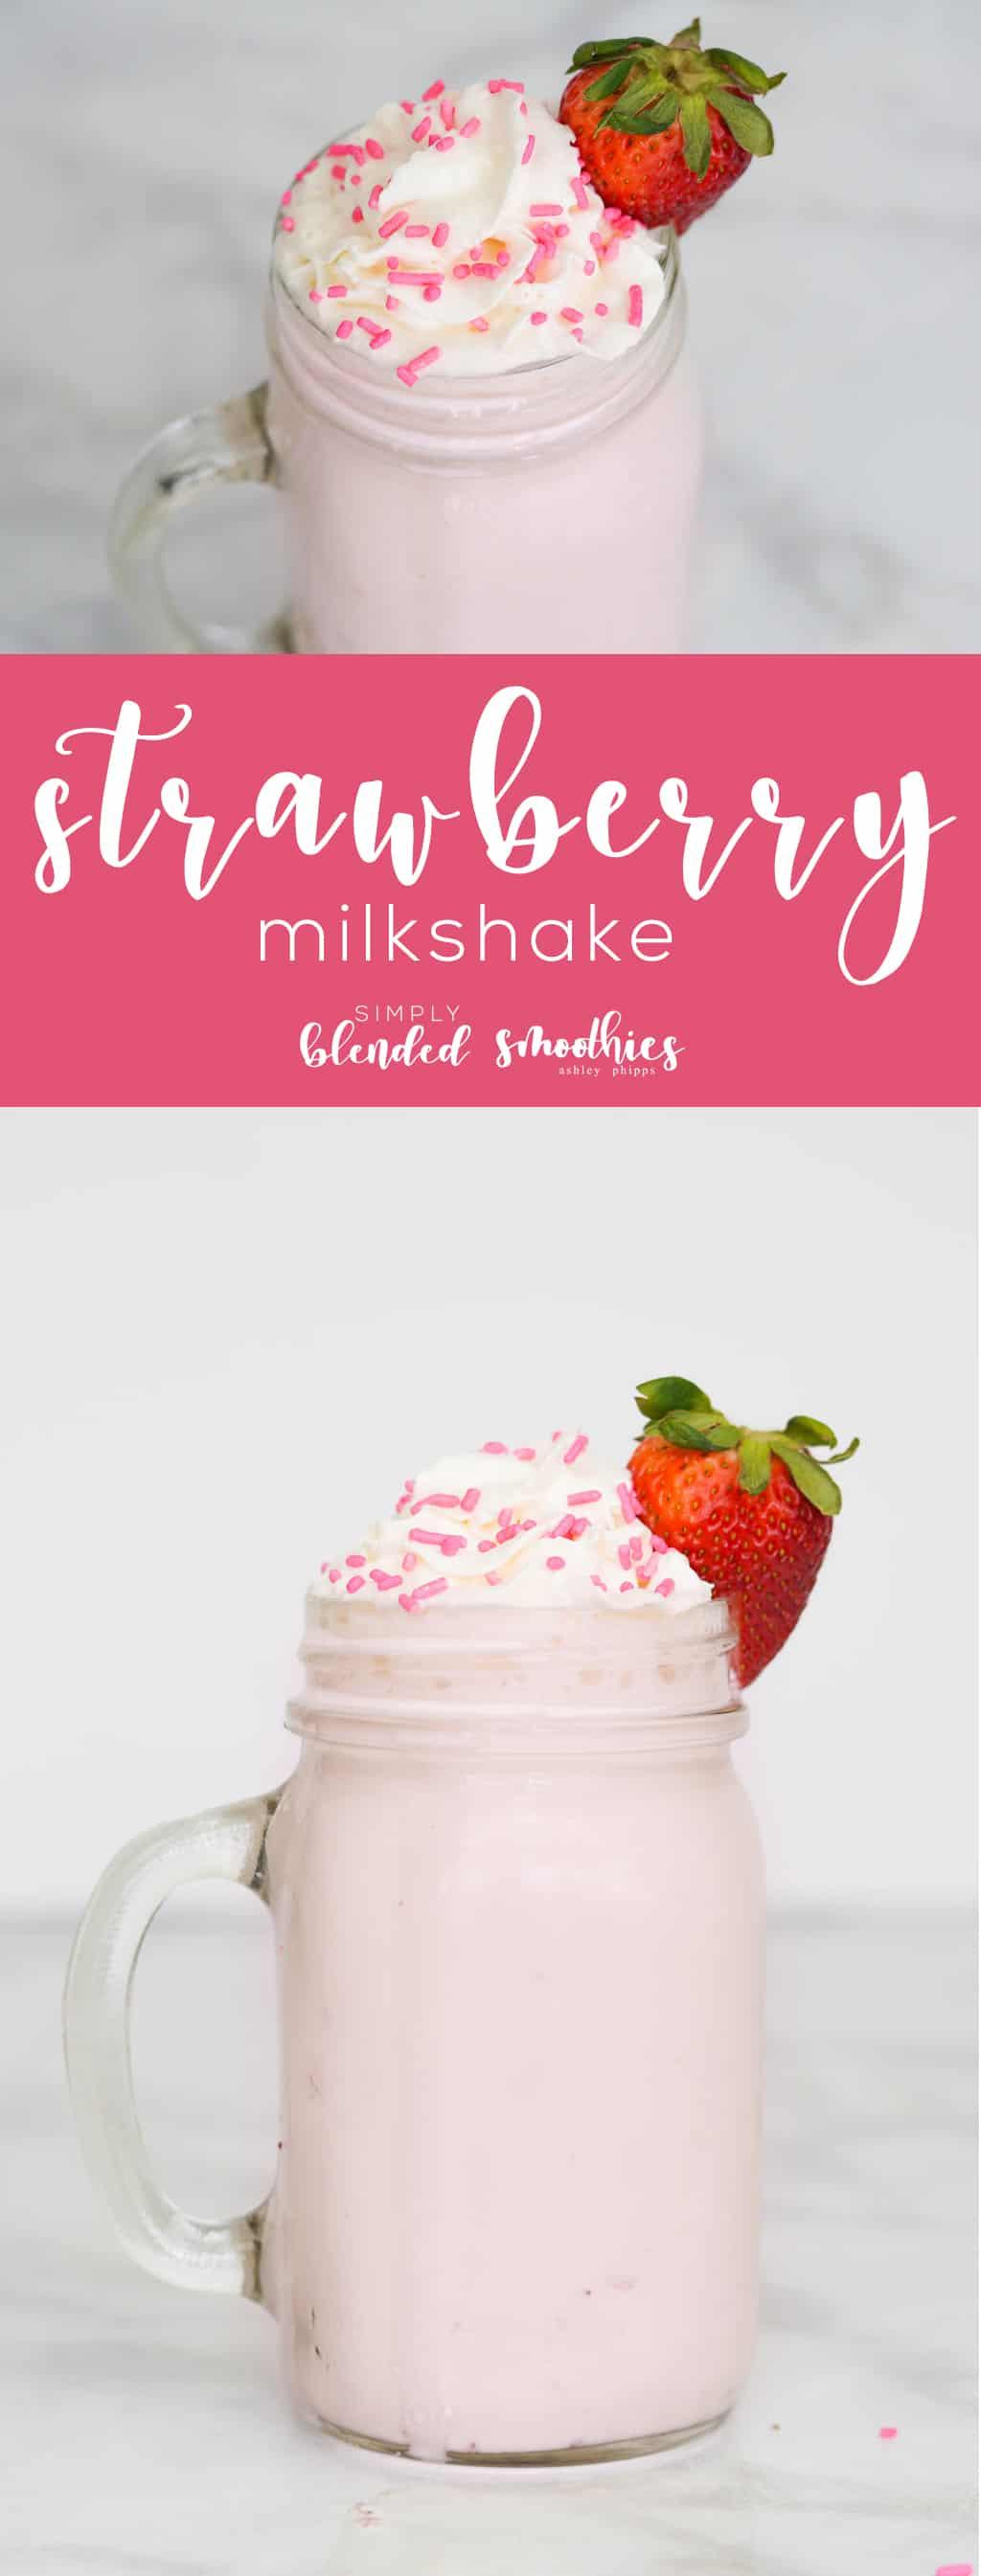 The Best Strawberry Shake Recipe